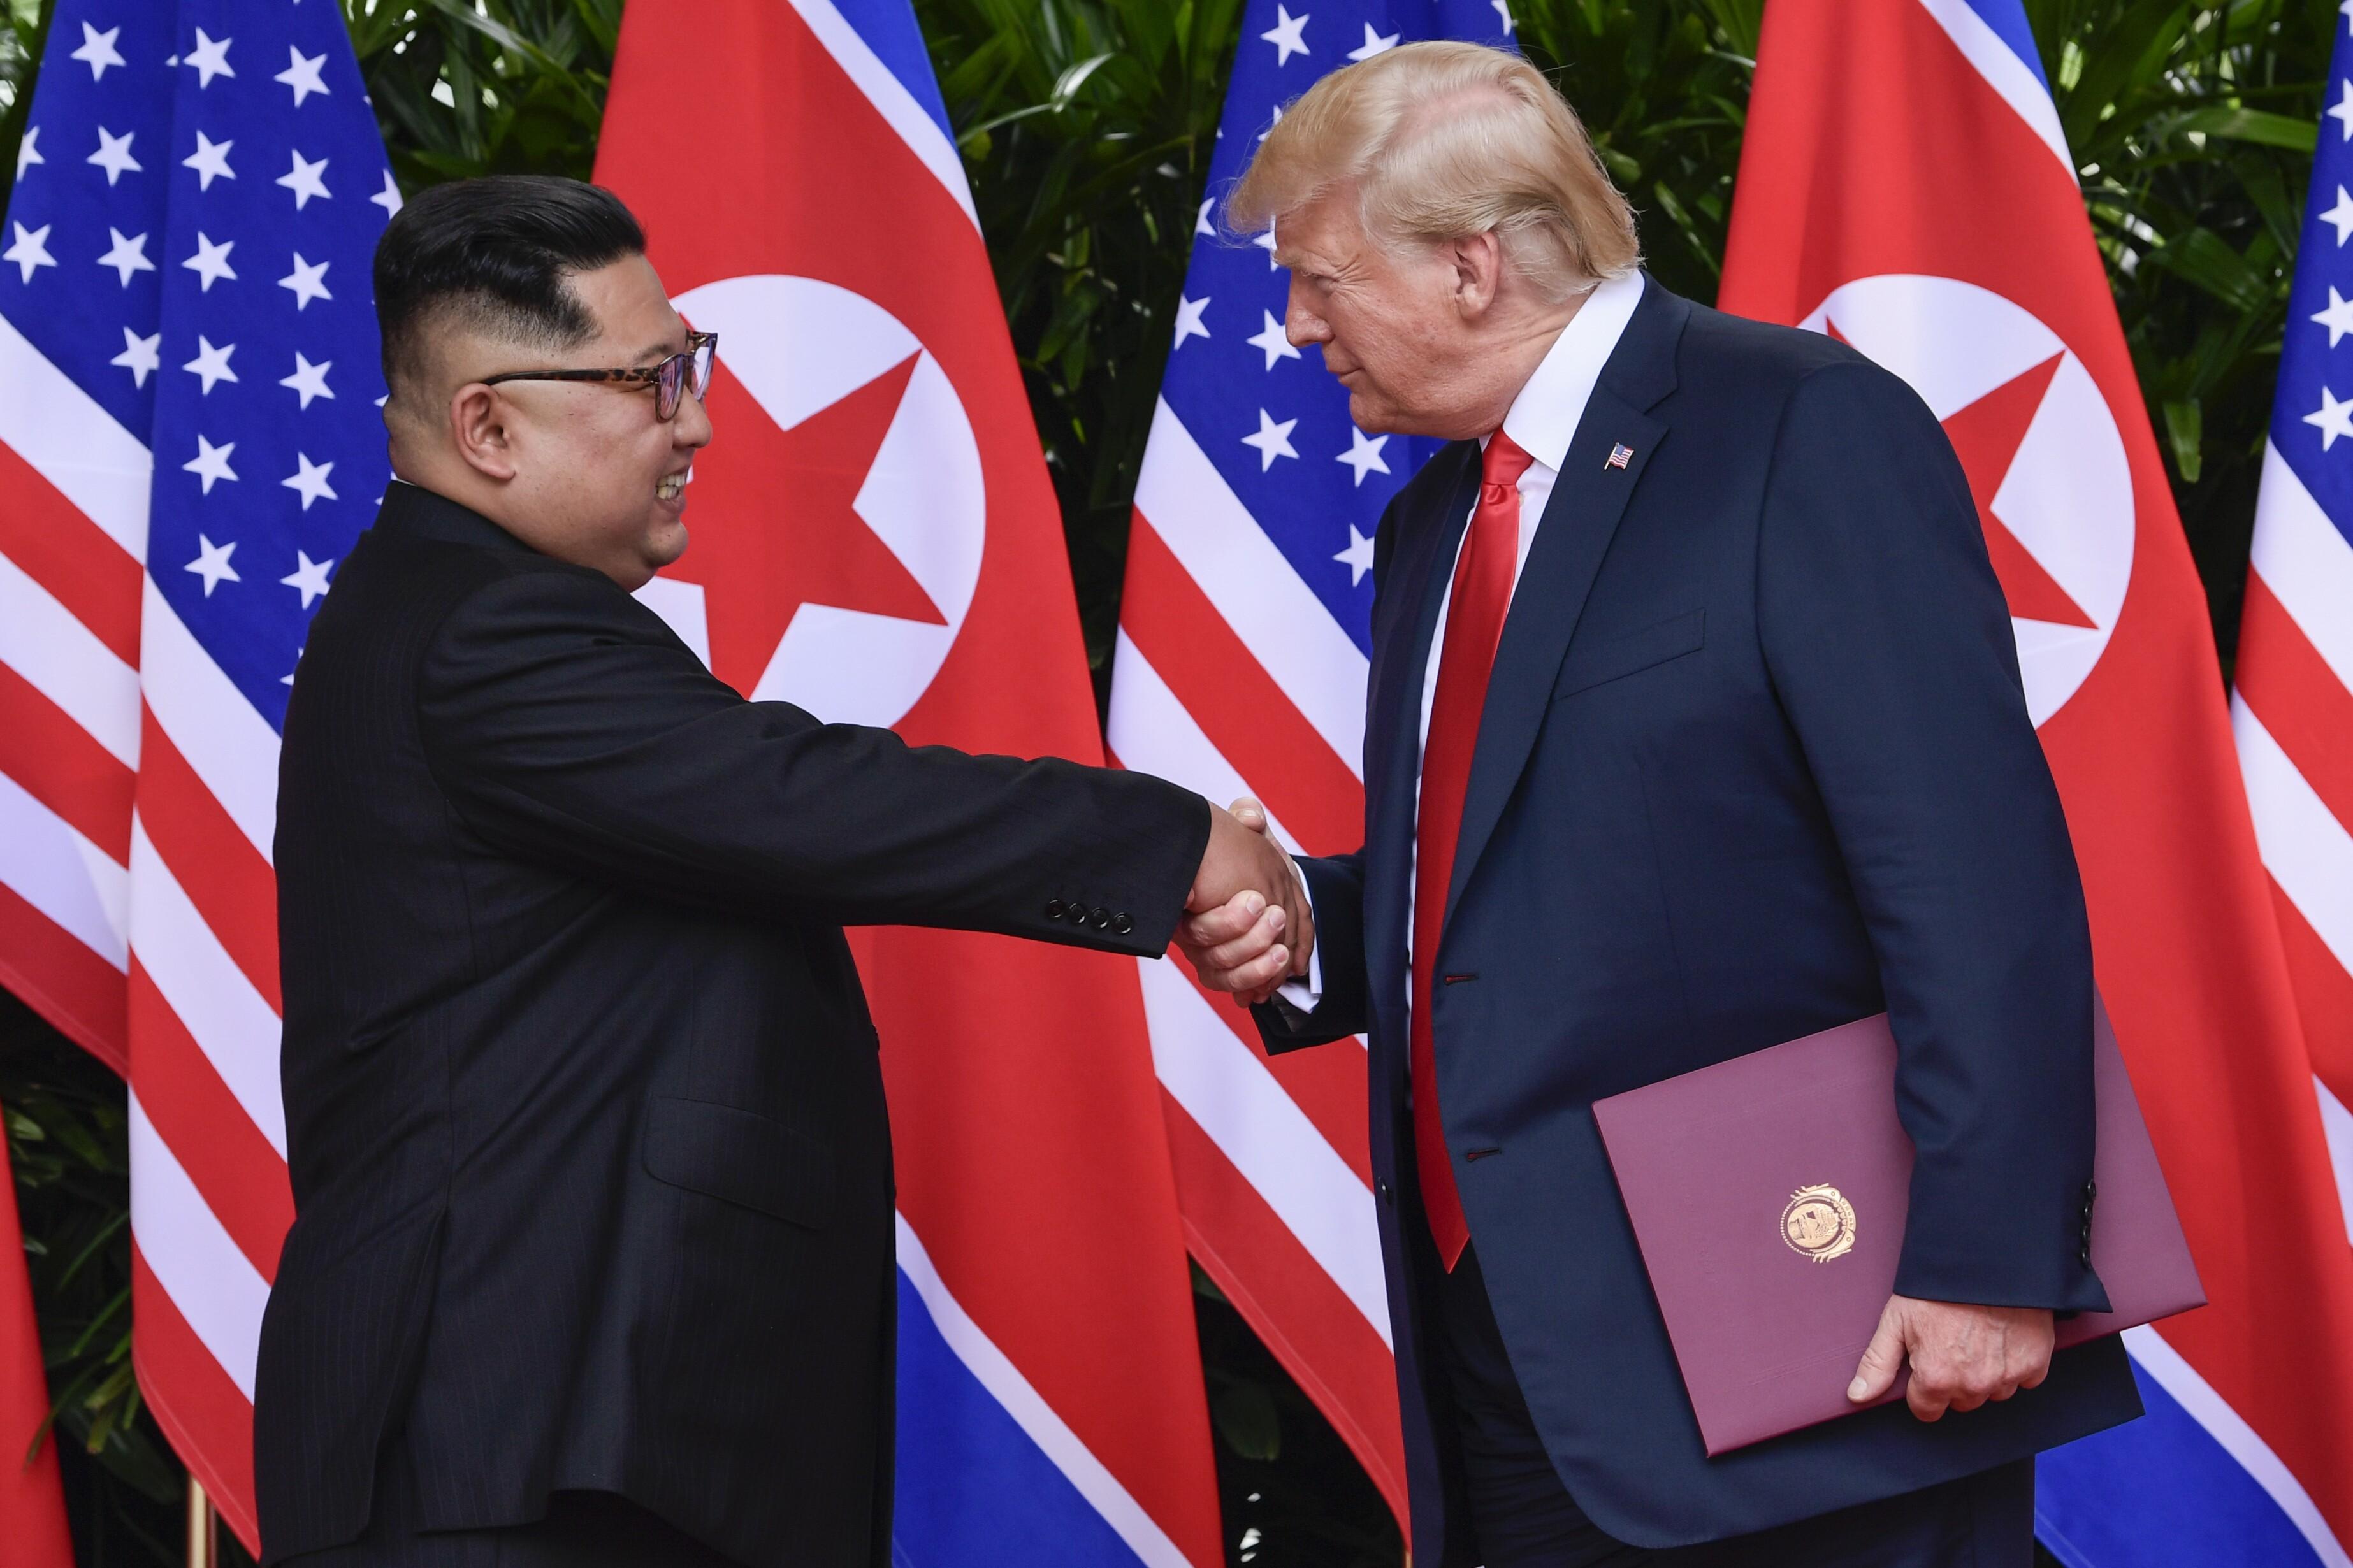 朝鲜领导人金正恩和特朗普总统于2018年6月12日在新加坡圣淘沙岛的卡佩拉度假胜地举行会谈时握手。